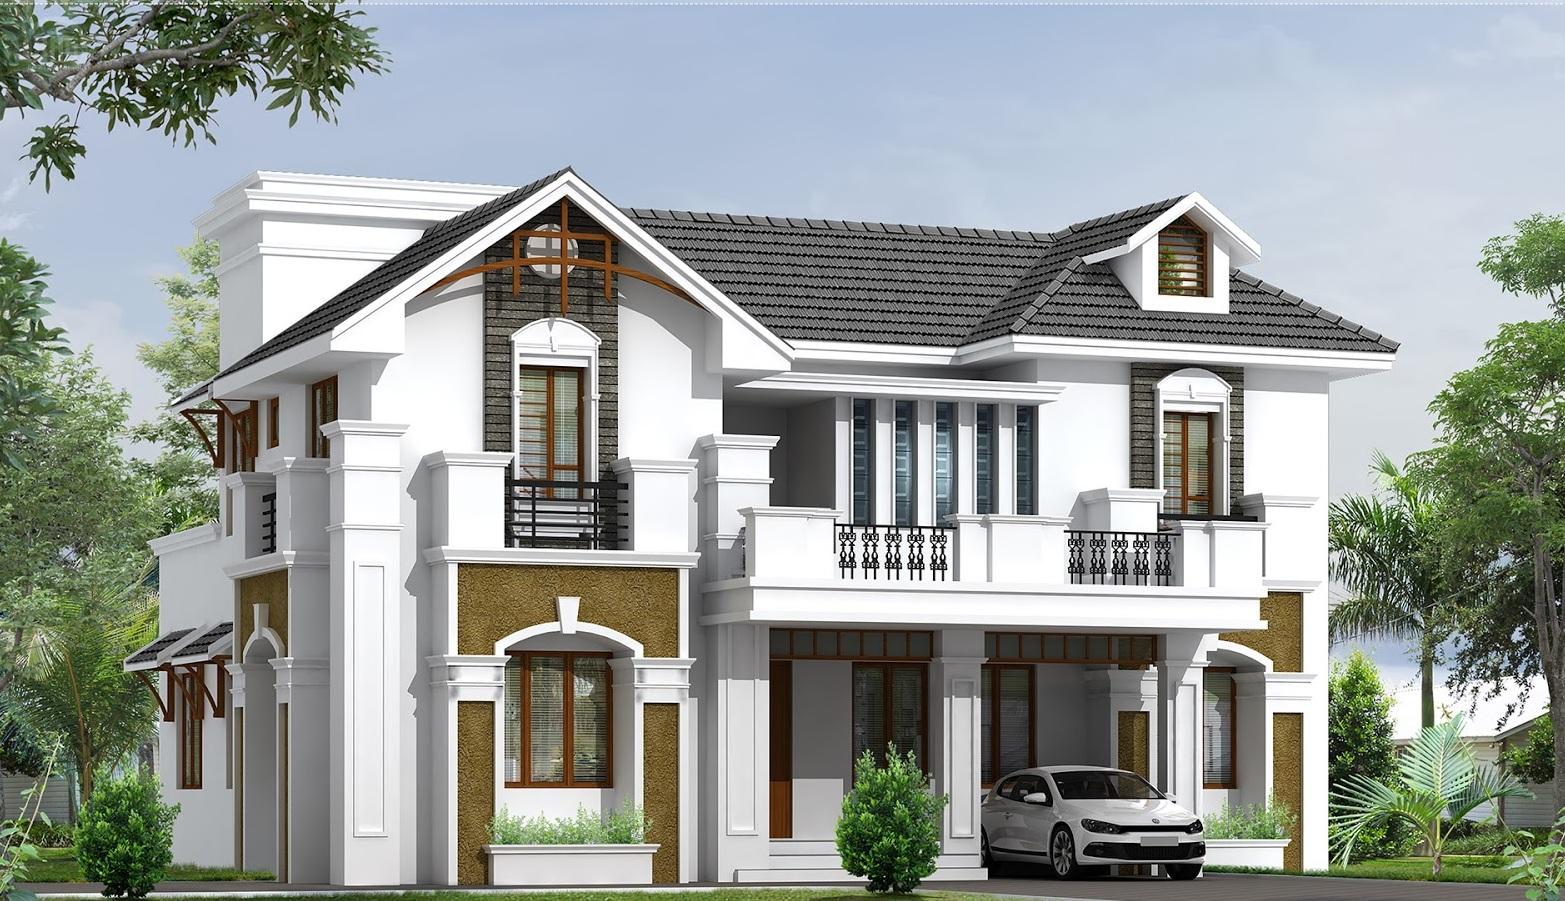 Mẫu nhà 2 tầng mái thái đẹp bán cổ điển vừa có phong cách hiện đại vừa toát lên nét văn hóa truyền thống cổ điển